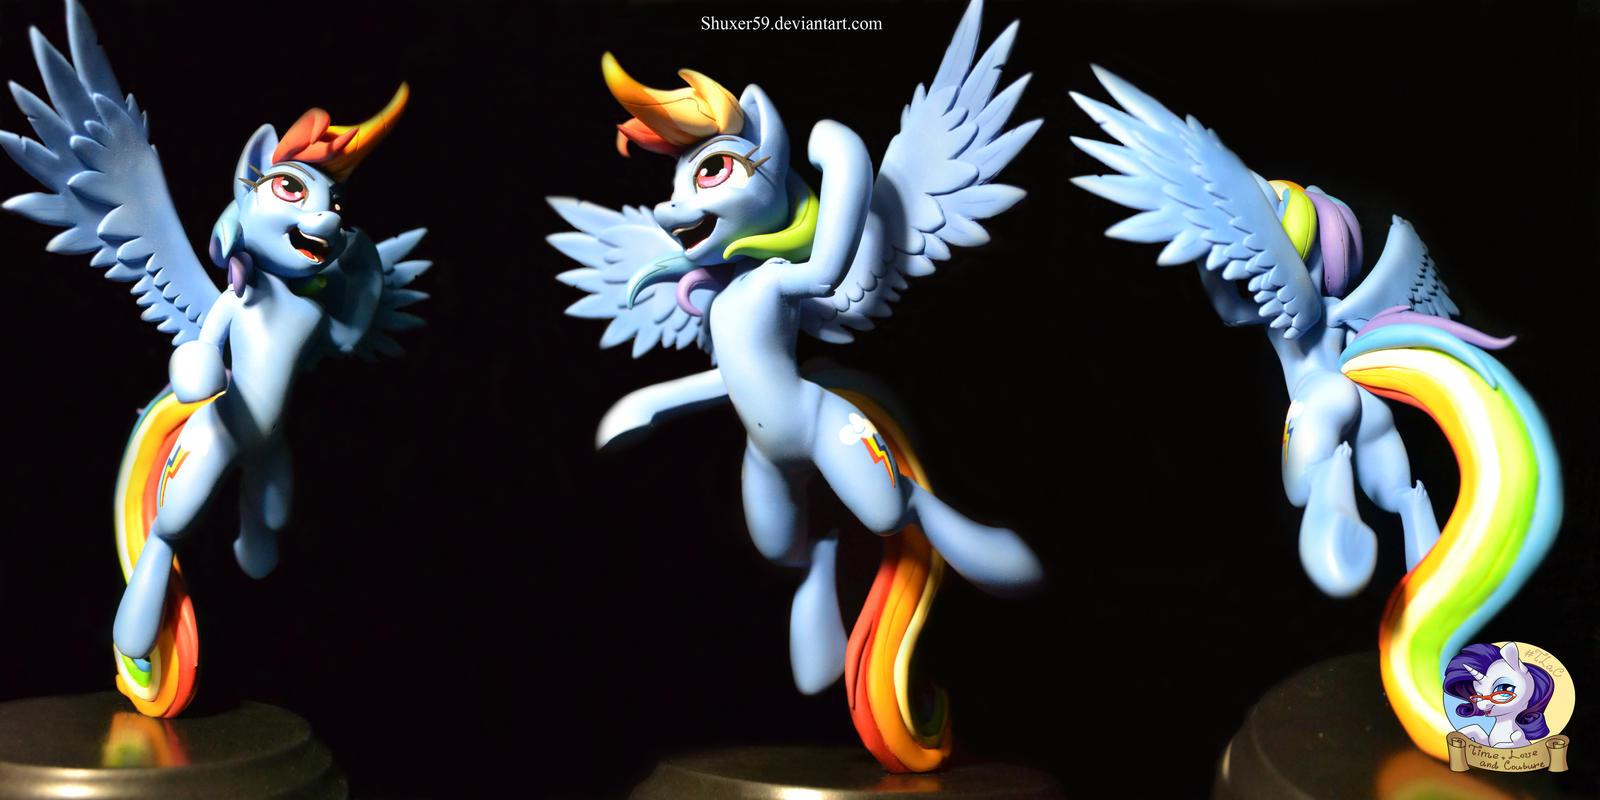 kp-shadowsquirrel Rainbow Dash by Shuxer59